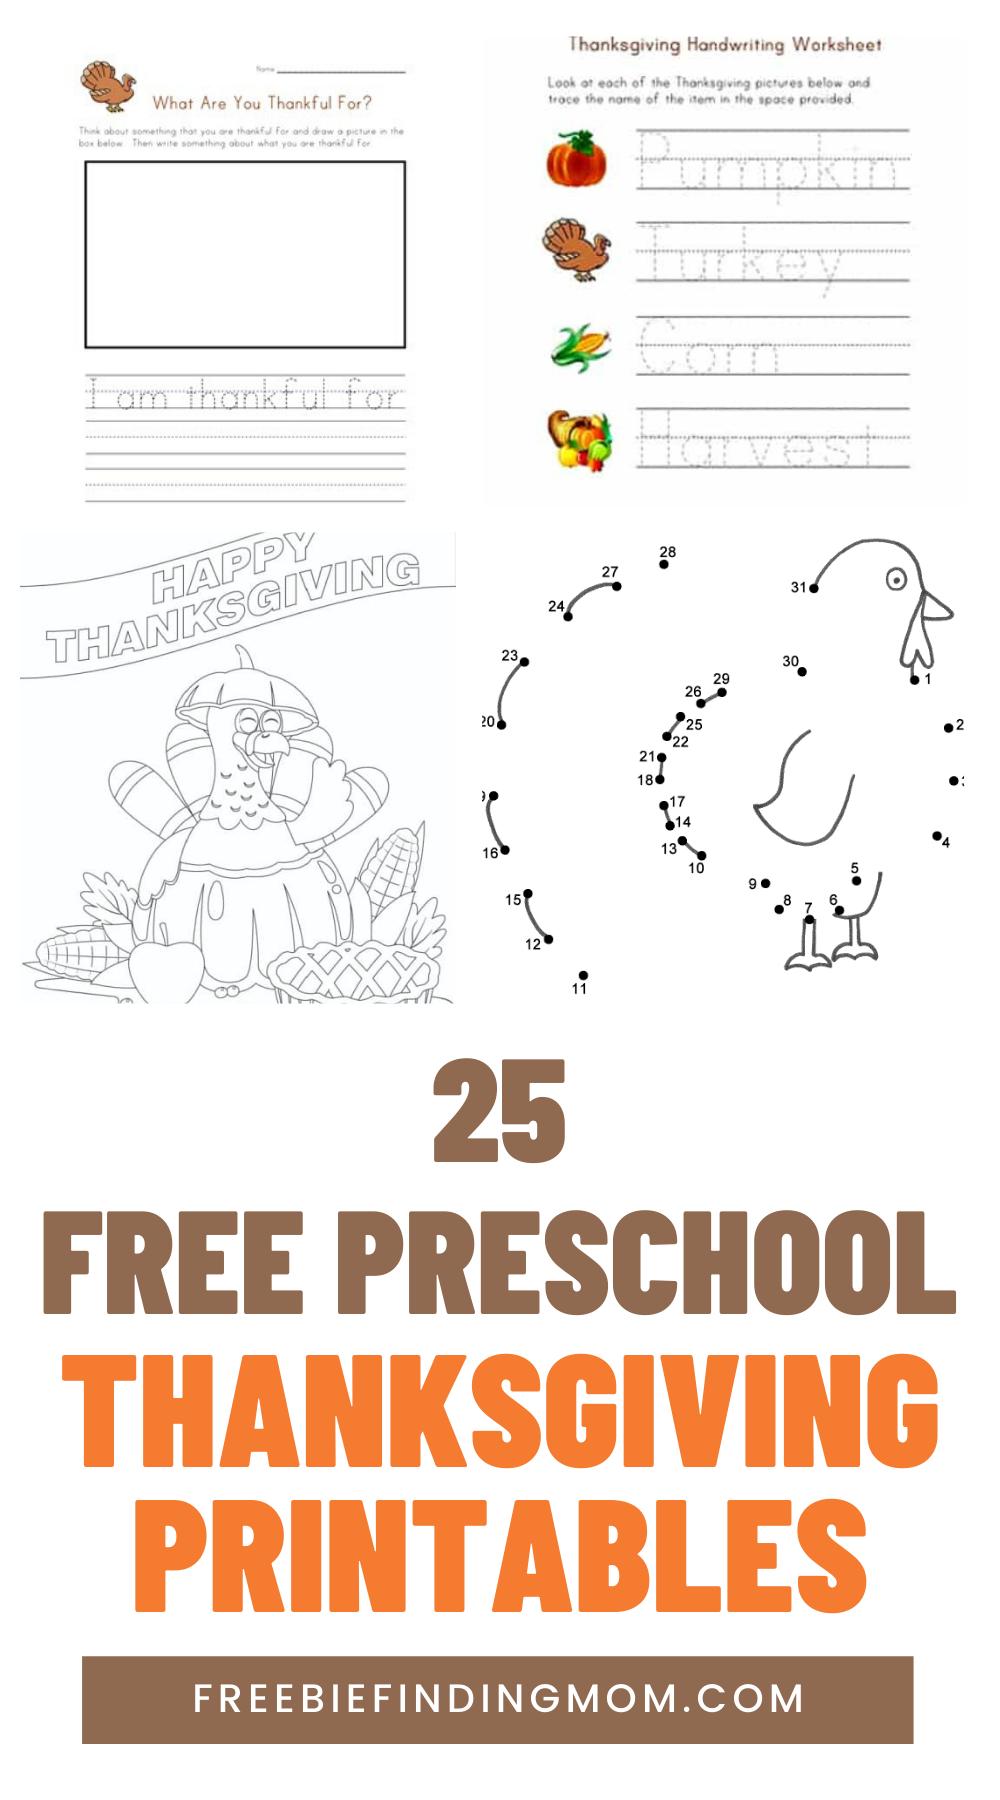 25 Free Preschool Thanksgiving Printables Freebie Finding Mom Thanksgiving Preschool Thanksgiving Printables Thanksgiving Activities Preschool [ 1800 x 1000 Pixel ]